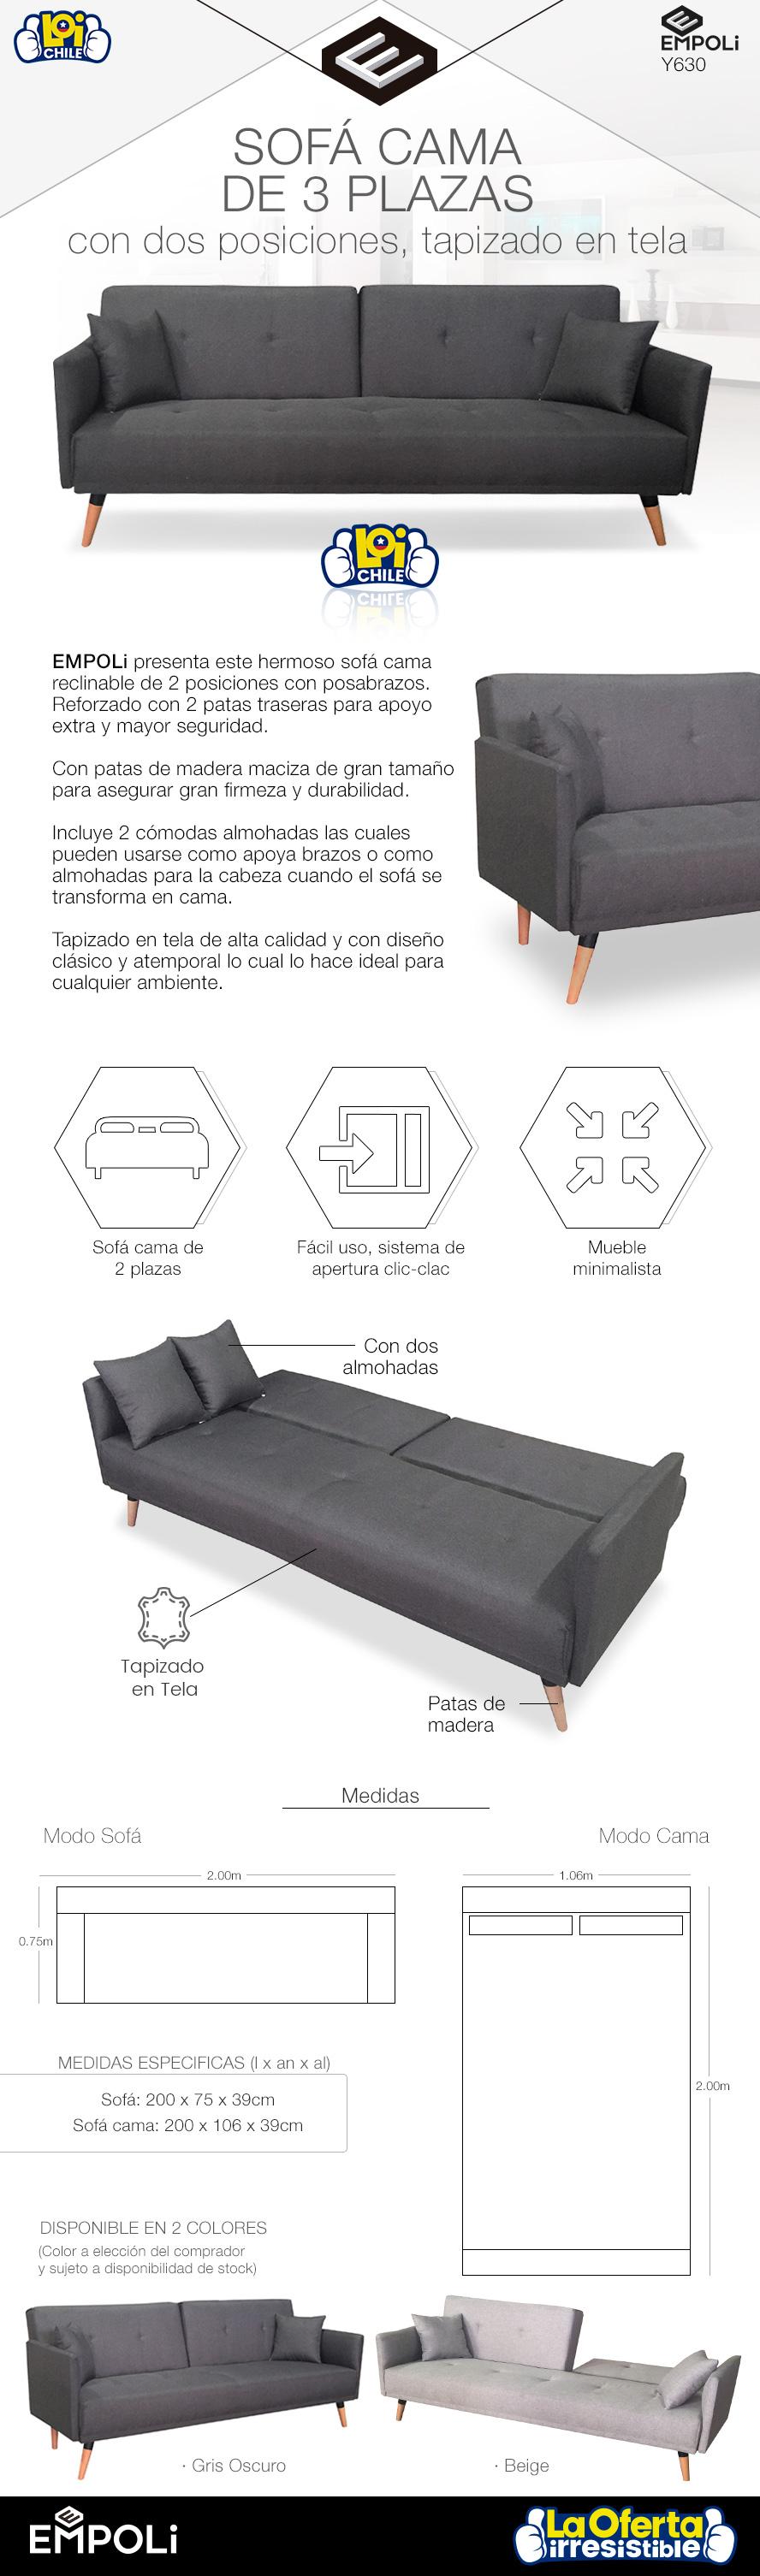 Sof cama empoli de 3 cuerpos modelo y630 beige oferta loi for Sofa cama de un cuerpo